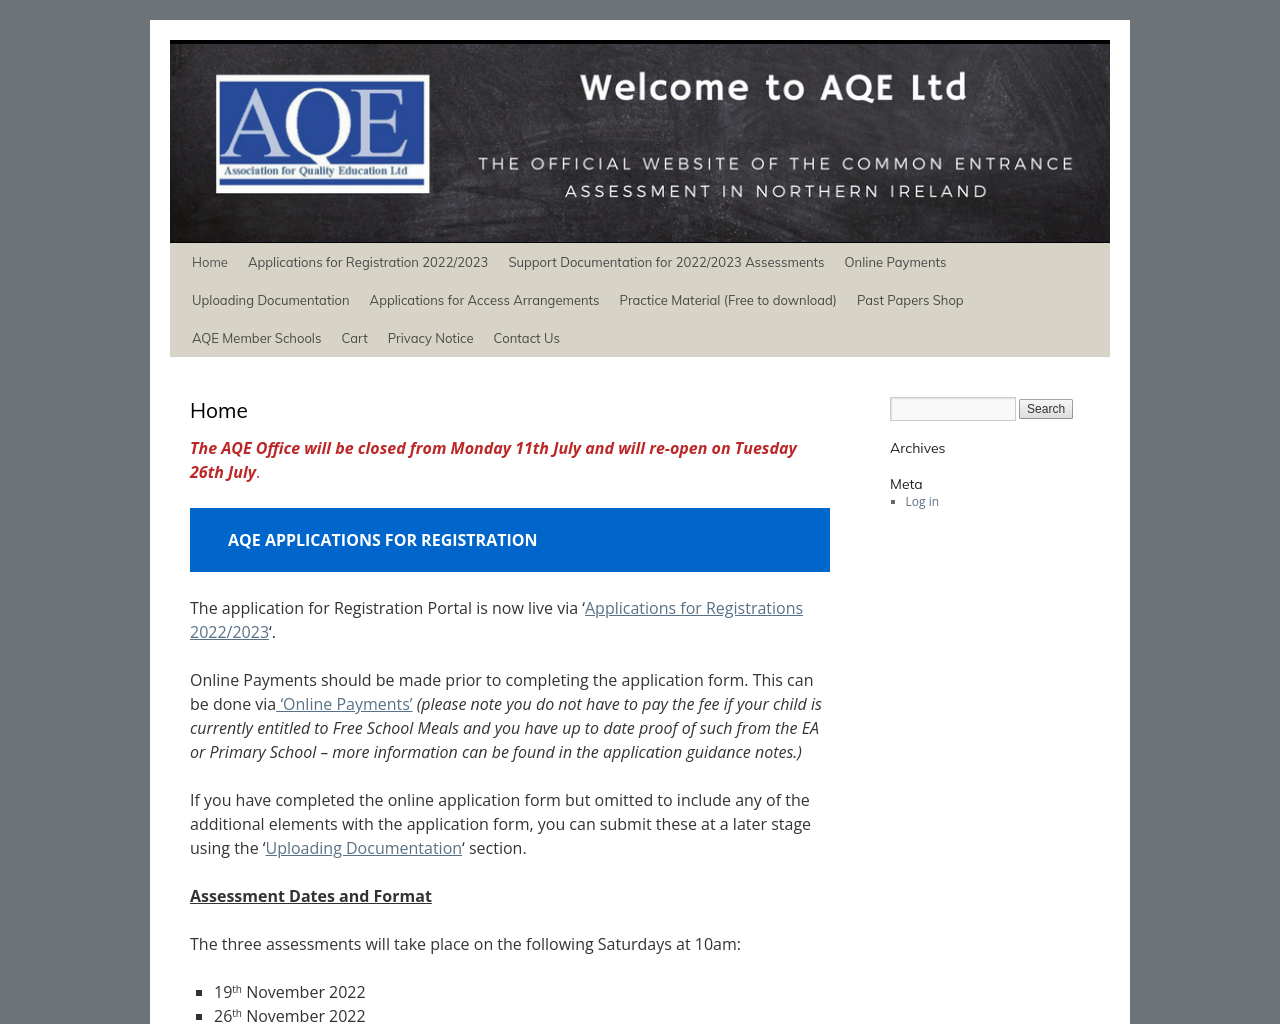 AQE Ltd